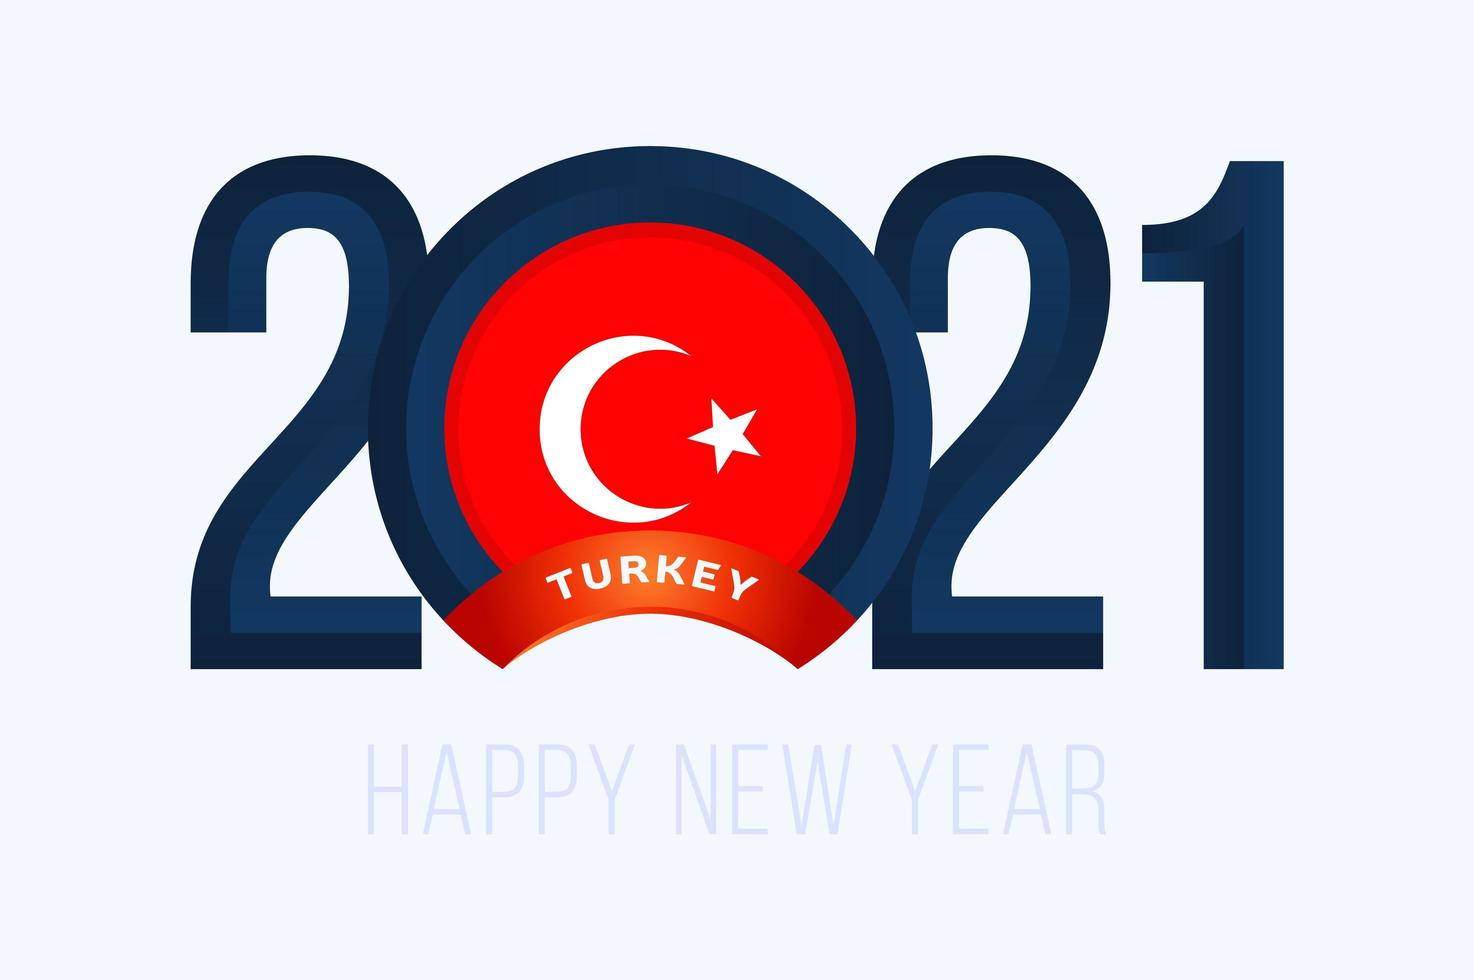 Nieuwjaar 2021 typografie met de vlag van turkije vector